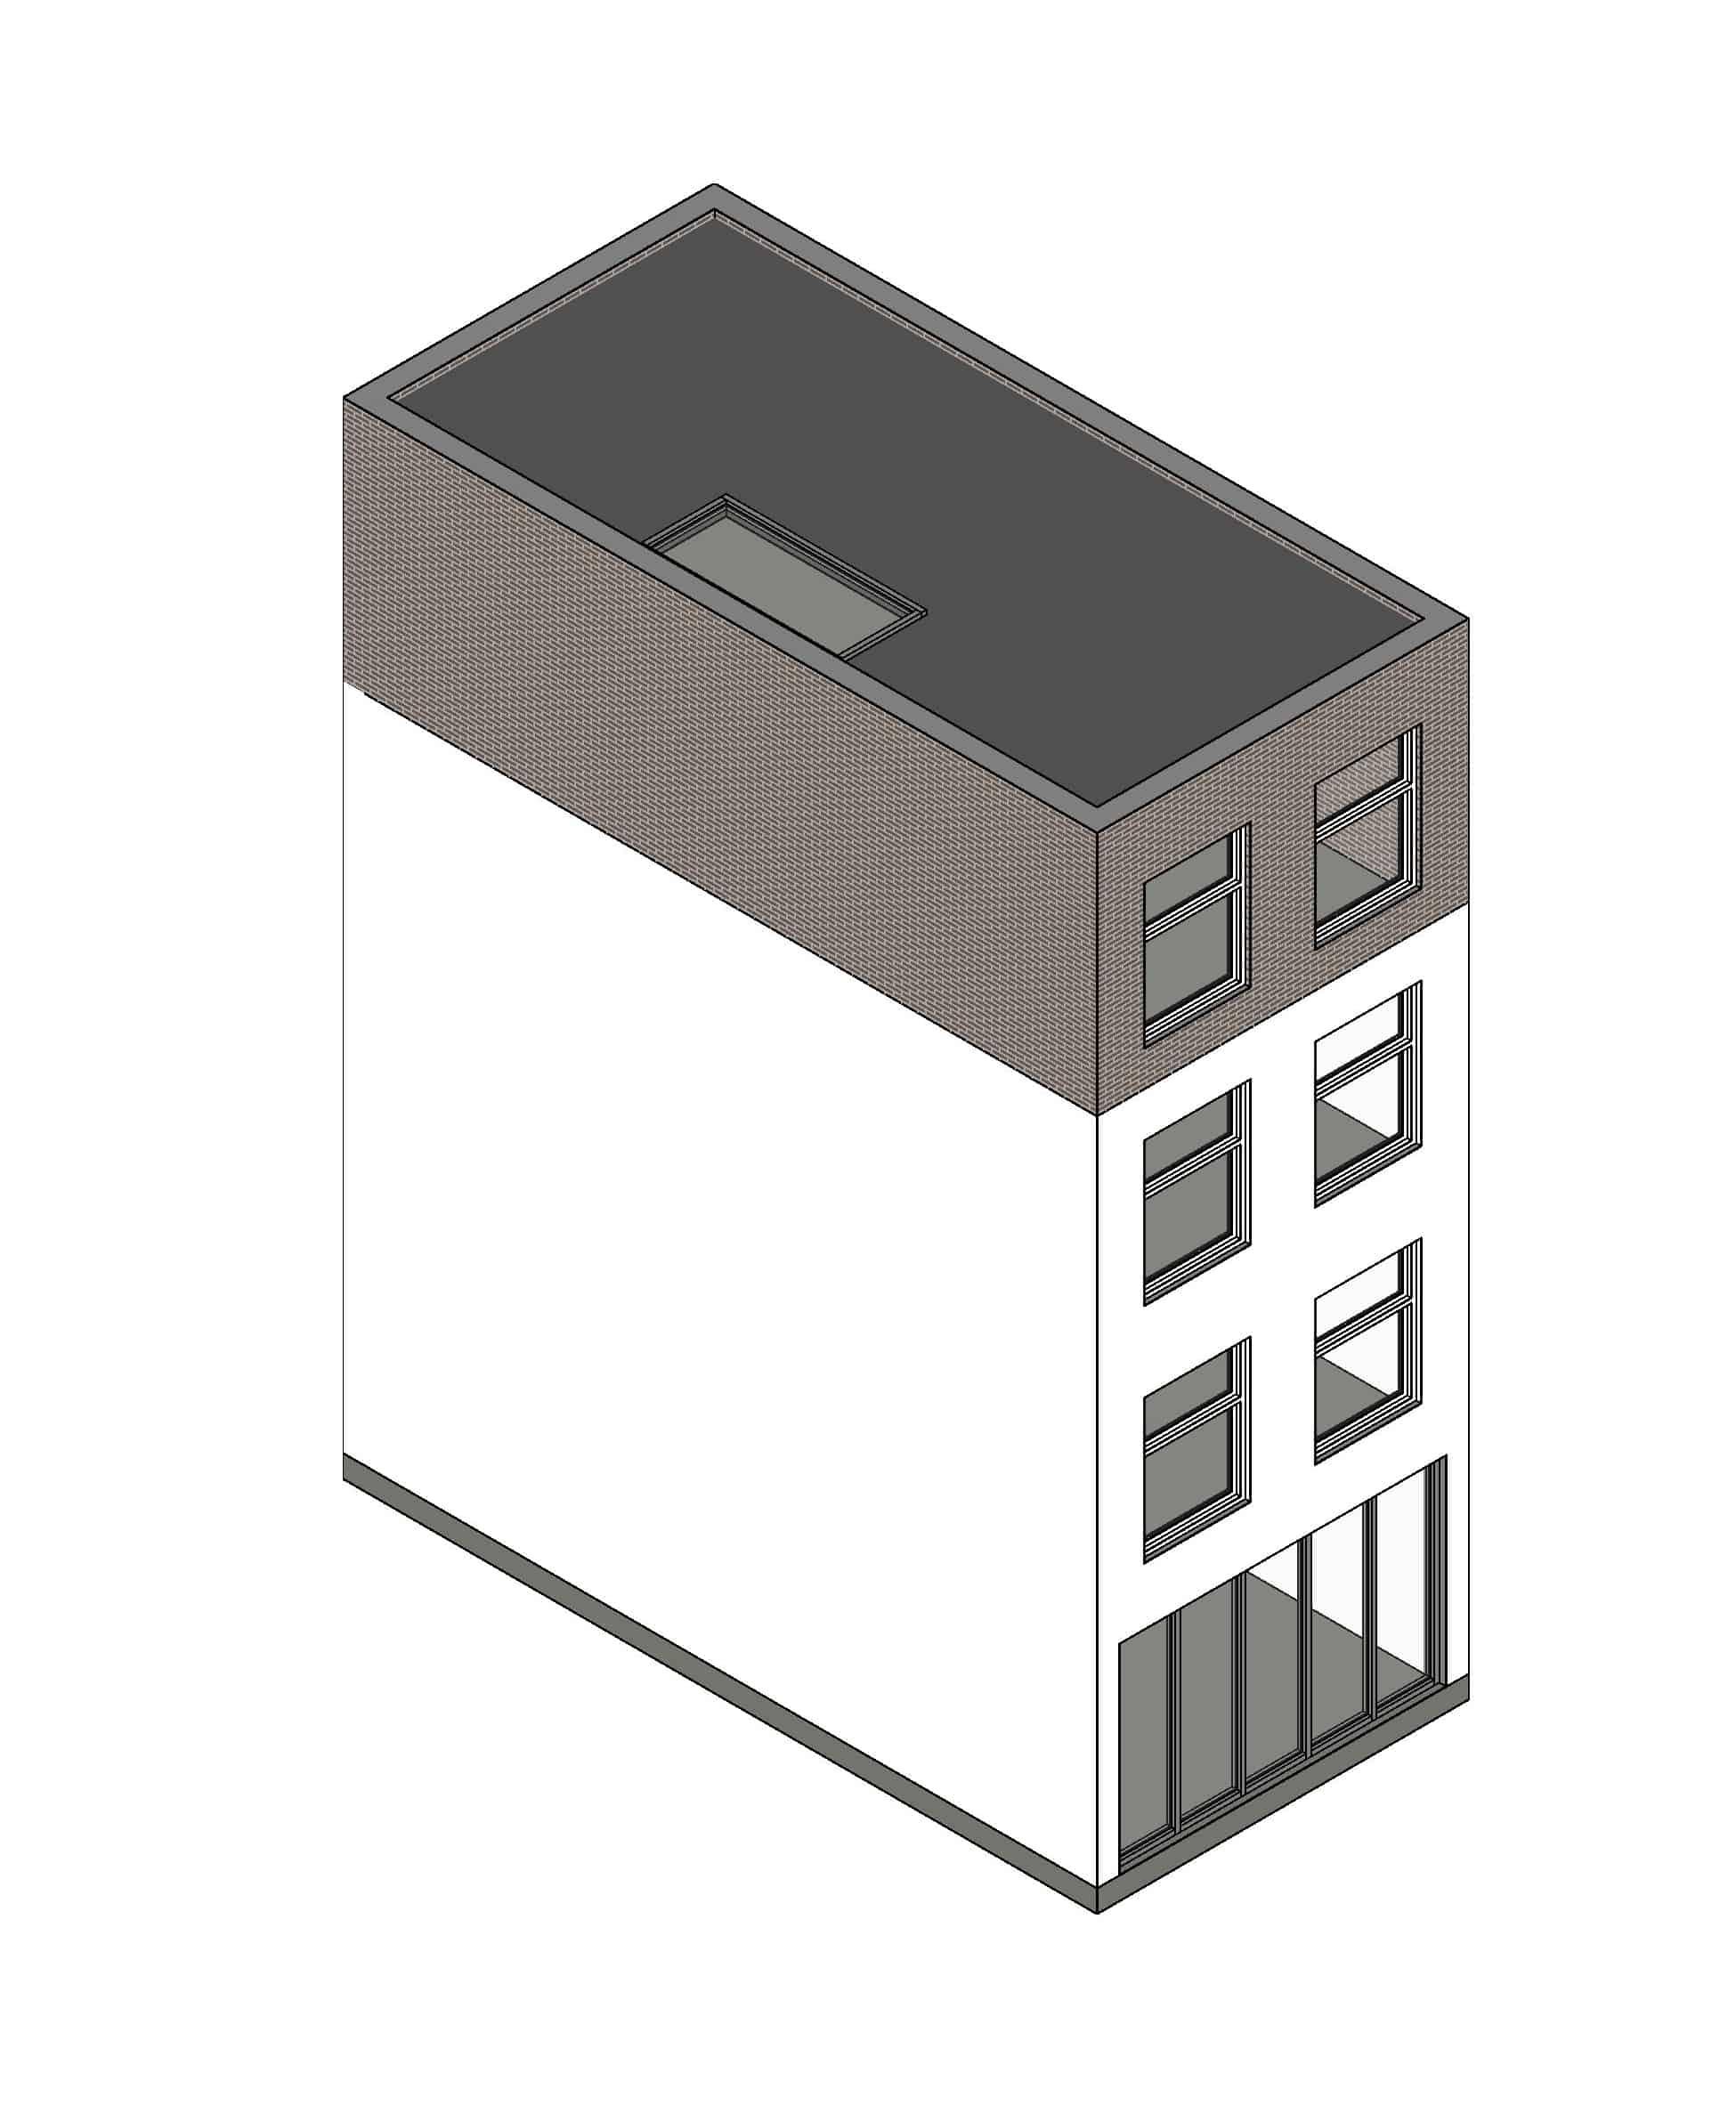 dakopbouw plat dak voorbeeld